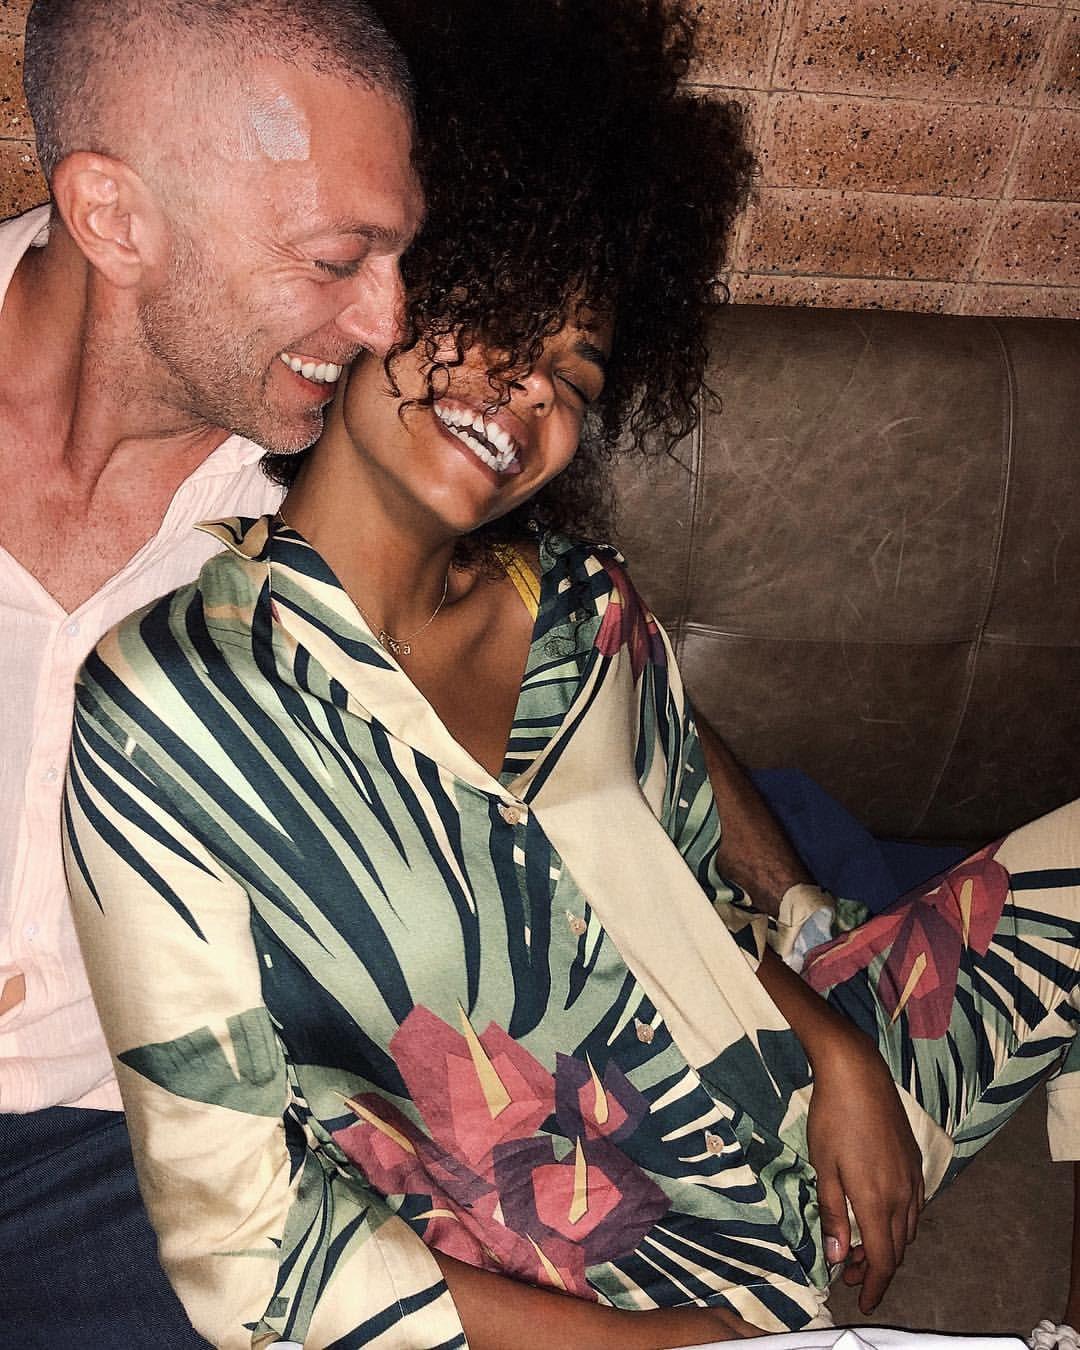 ICloud Tina Kunakey nude photos 2019